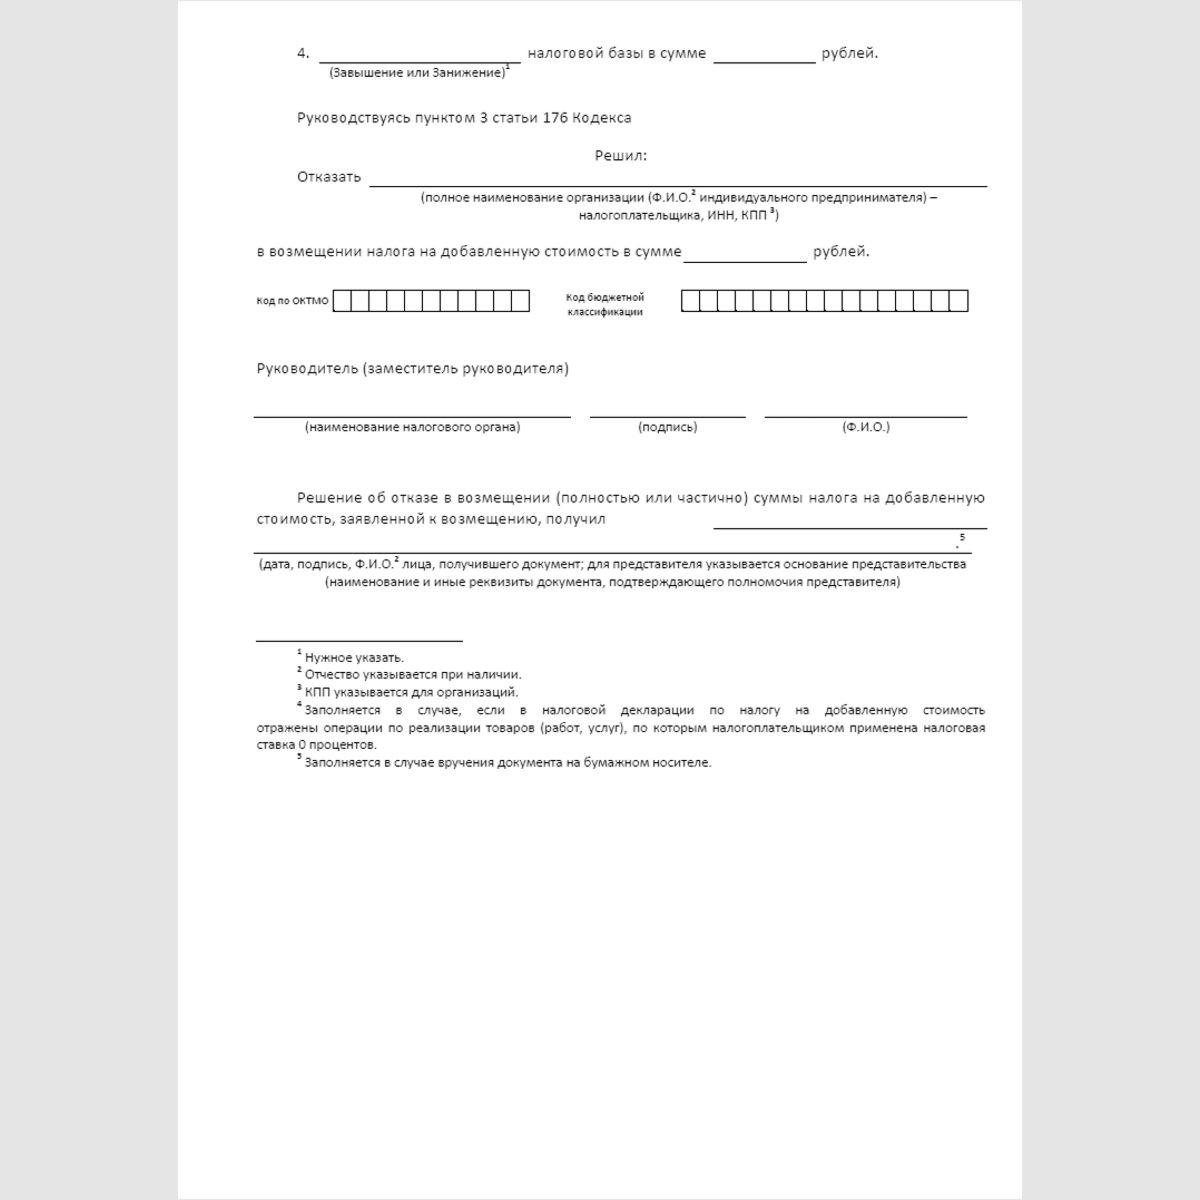 """Форма КНД 1165005 """"Решение об отказе в возмещении (полностью или частично) суммы налога на добавленную стоимость, заявленной к возмещению"""" . Стр. 2"""